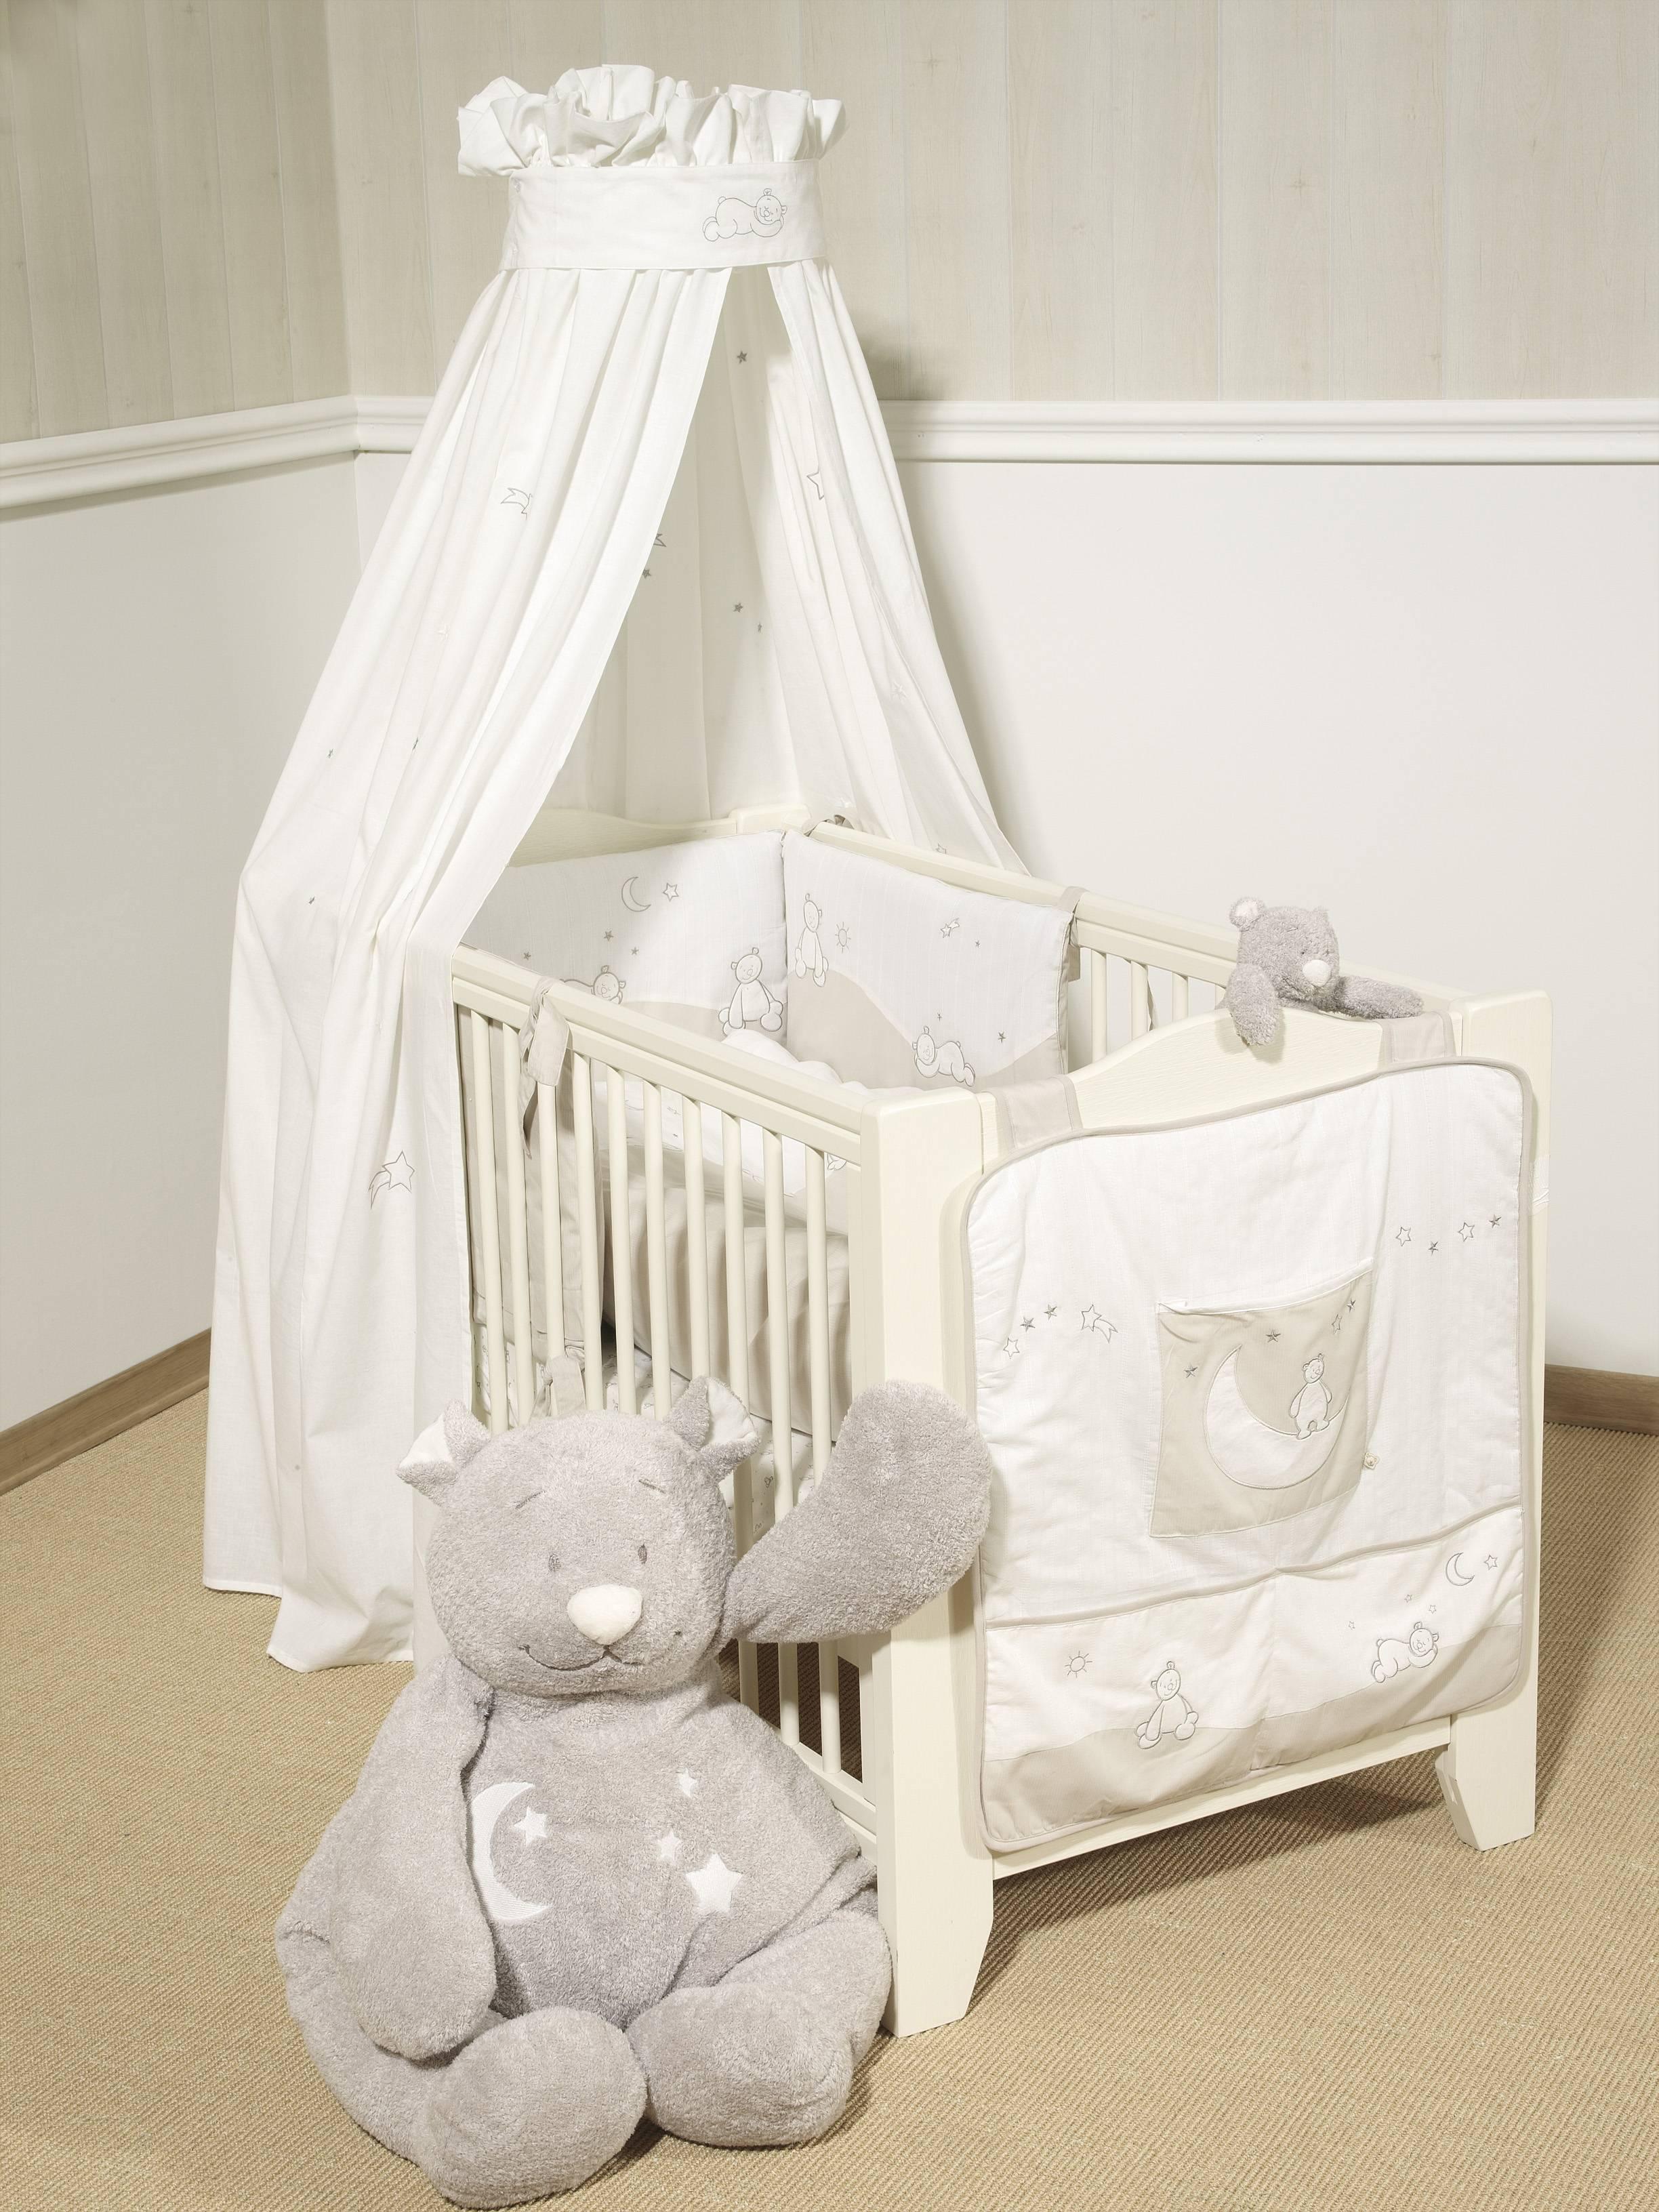 noukies ciel de lit sweet dream doudouplanet. Black Bedroom Furniture Sets. Home Design Ideas